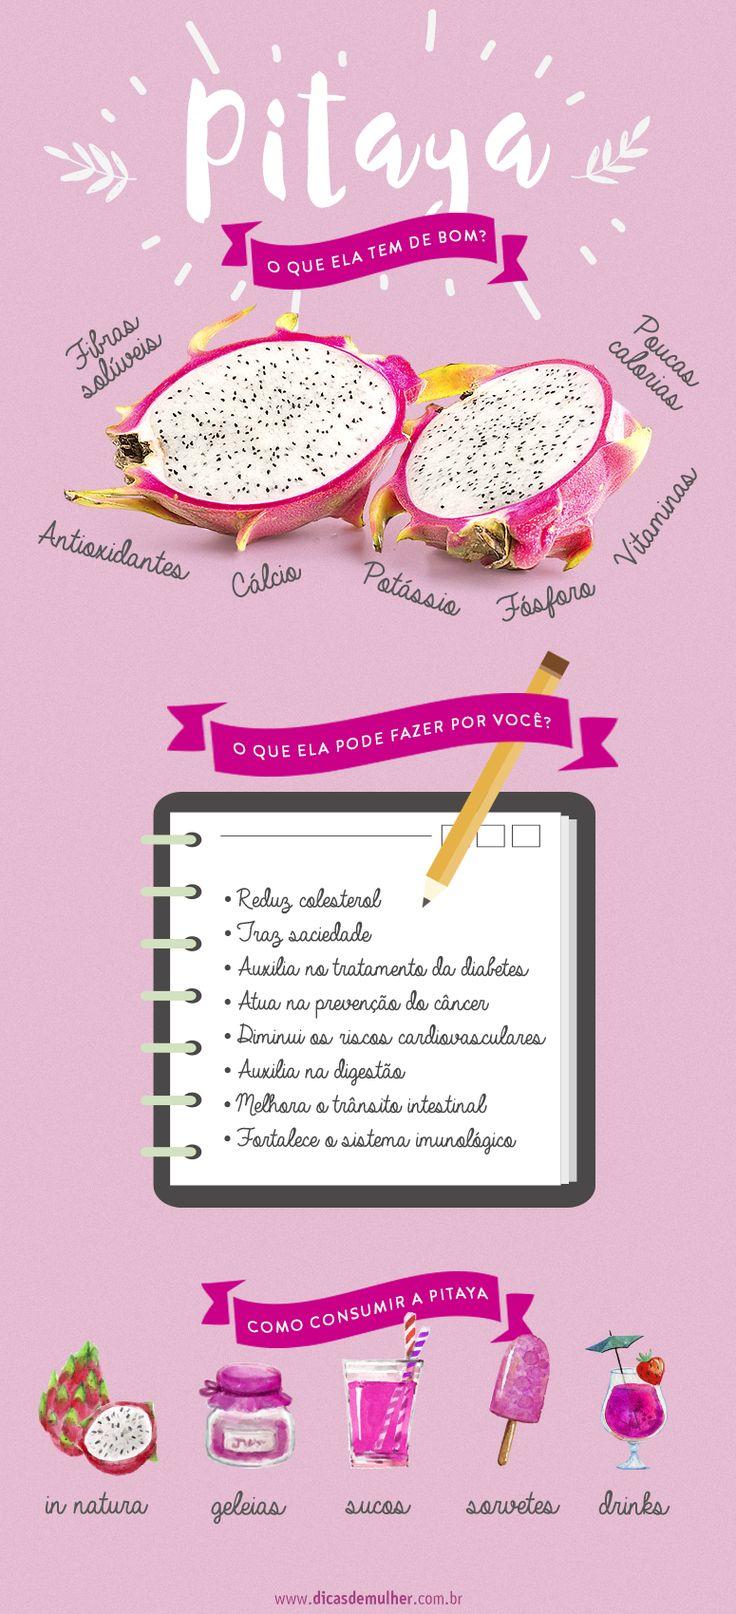 Pitaya: benefícios que vão muito além de seu sabor e beleza